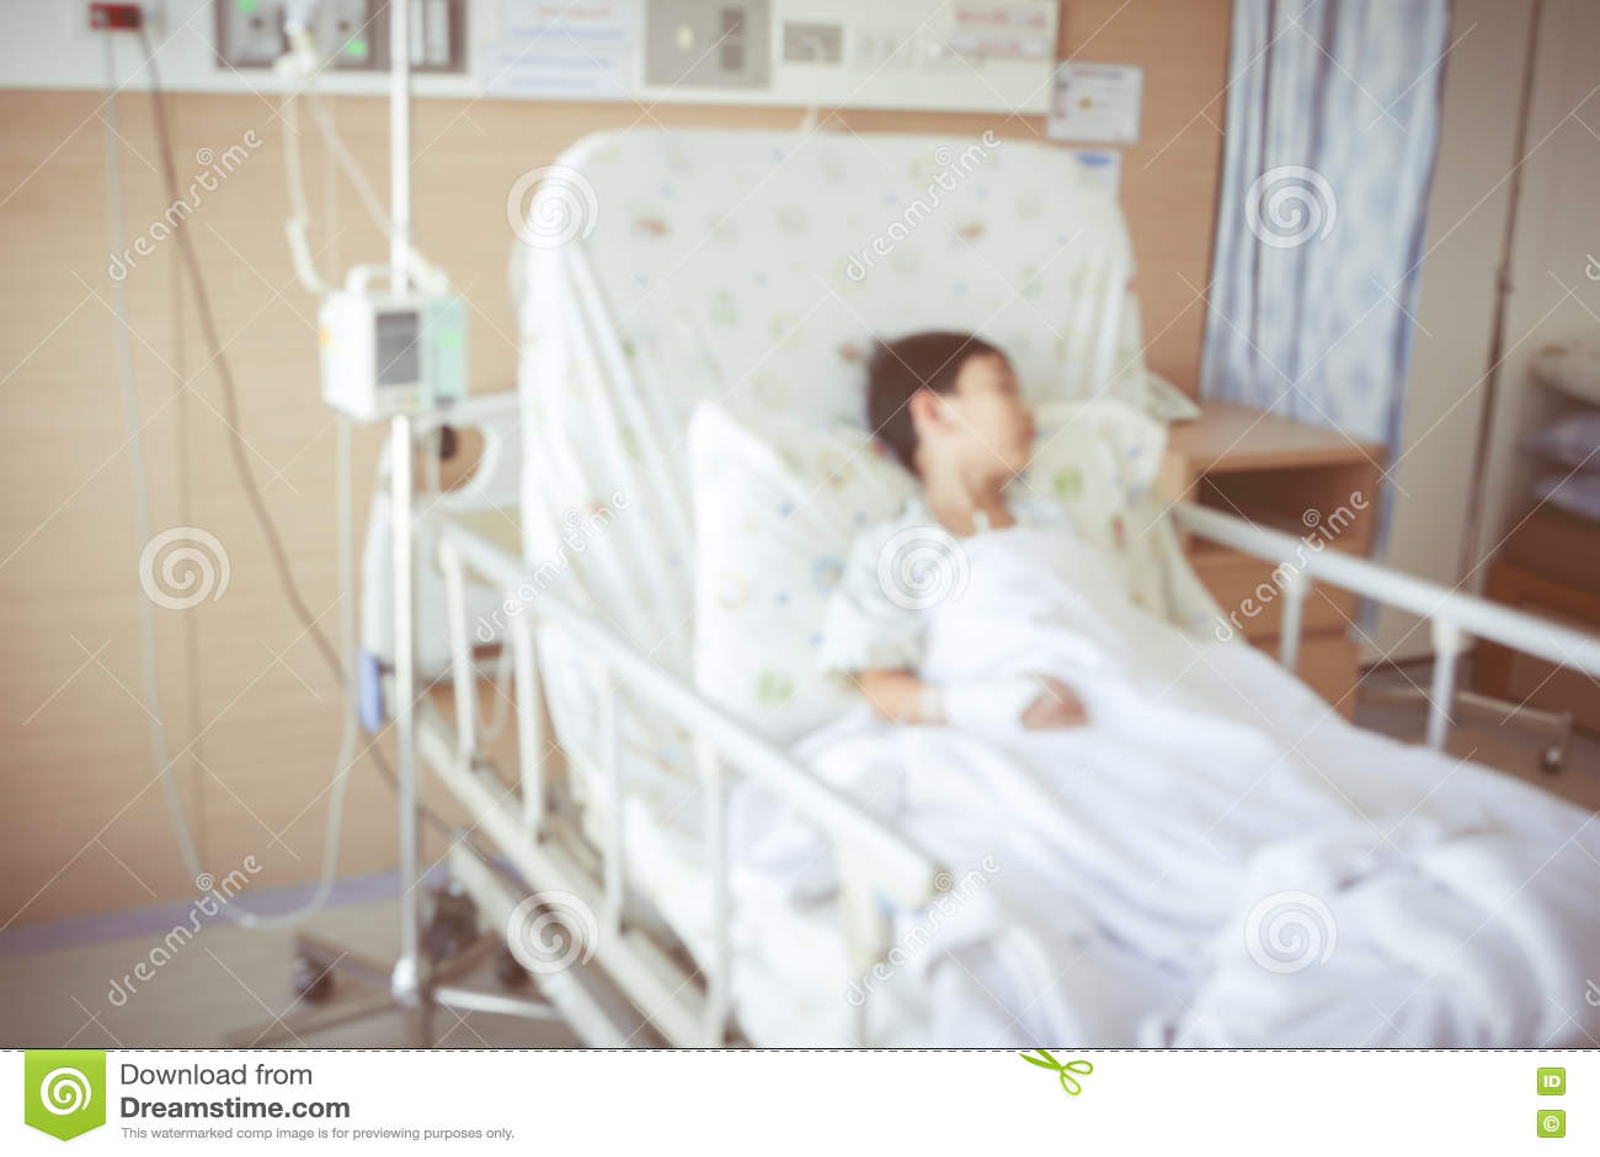 Soustrayez le fond brouill de l 39 enfant admis la chambre for La chambre 13 hopital